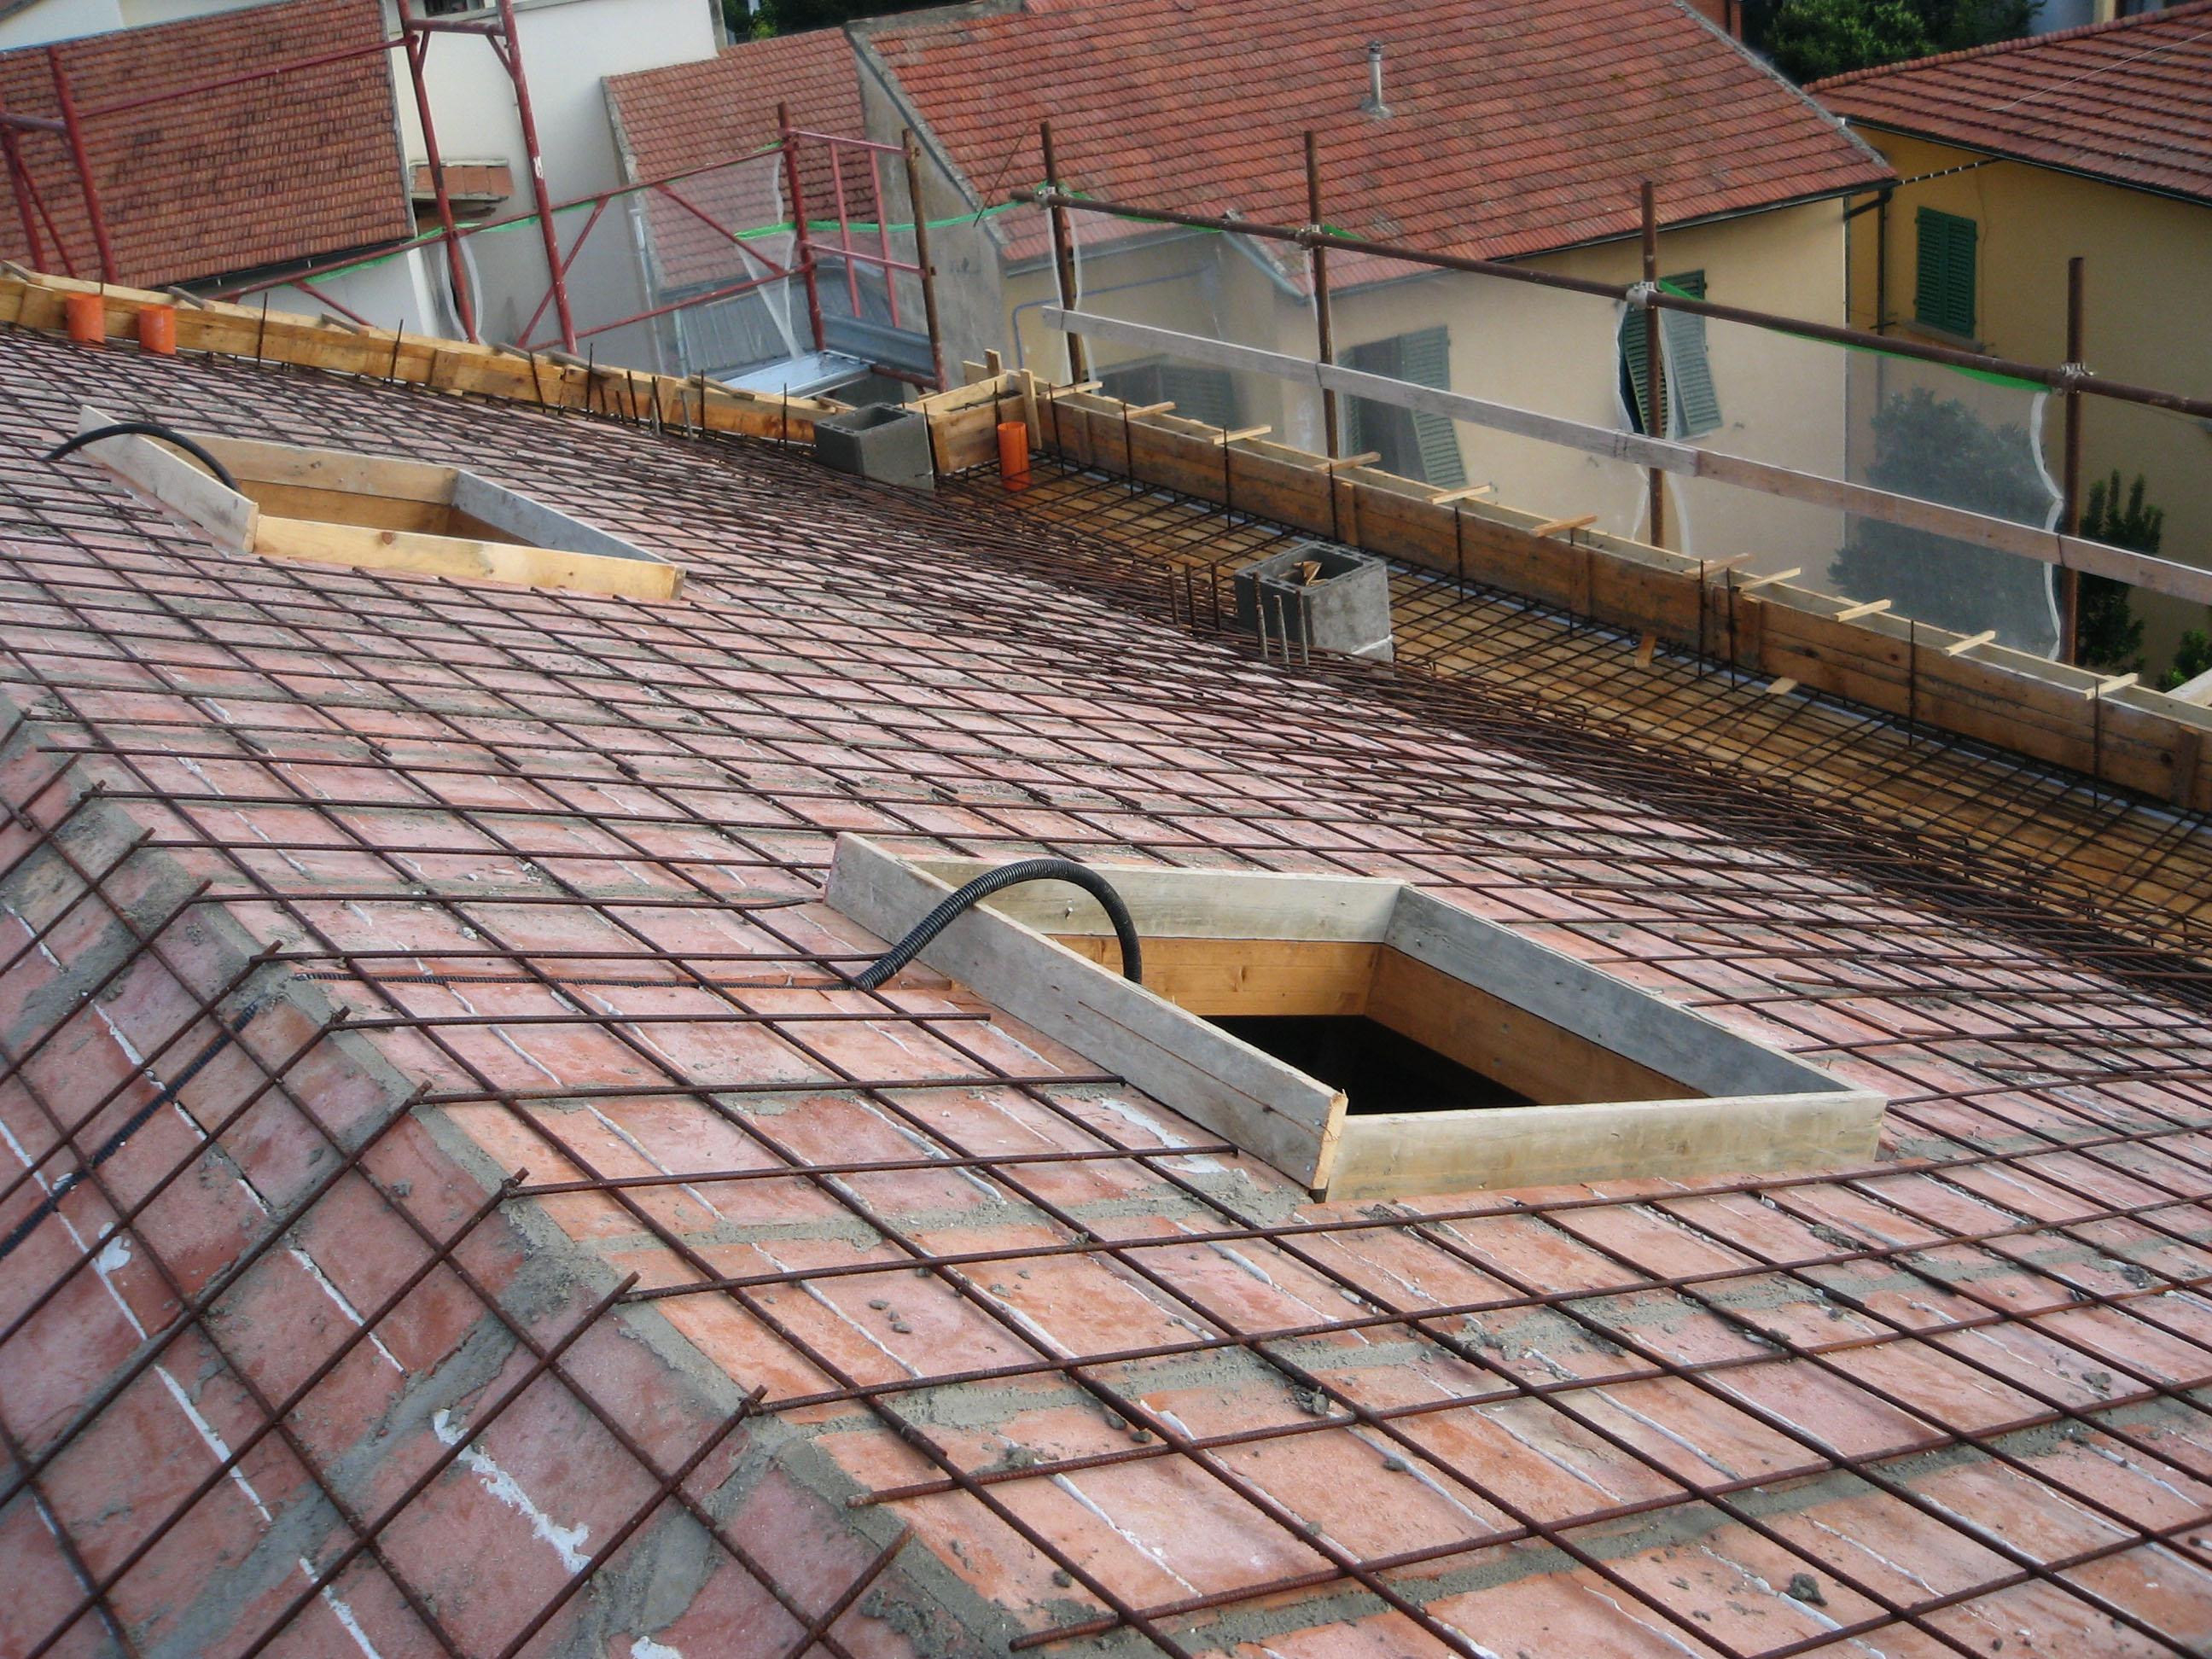 Becherinicase tecniche for Tegole del tetto della casetta